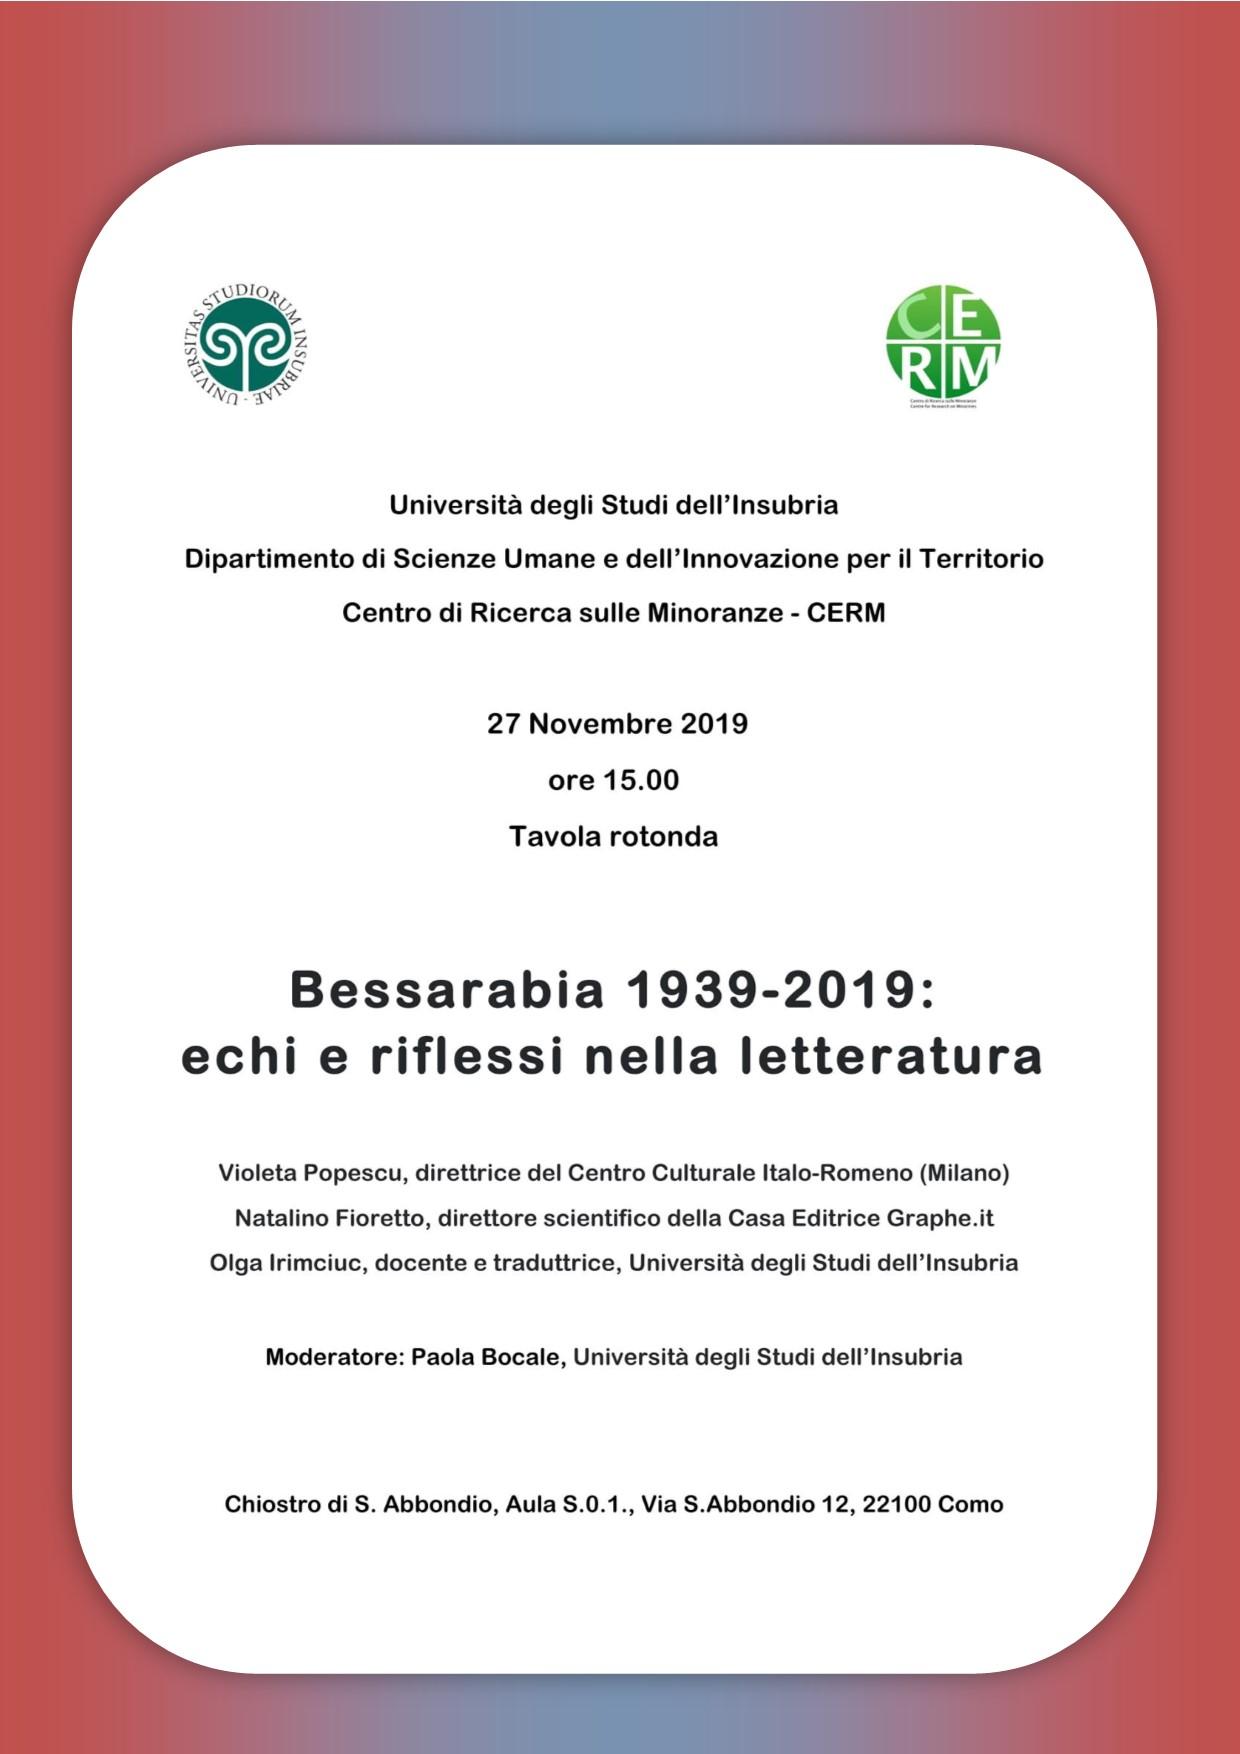 """Università degli Studi dell'Insubria: Tavola rotonda: """"Bessarabia 1939-2019. Echi e riflessi nella letteratura"""""""